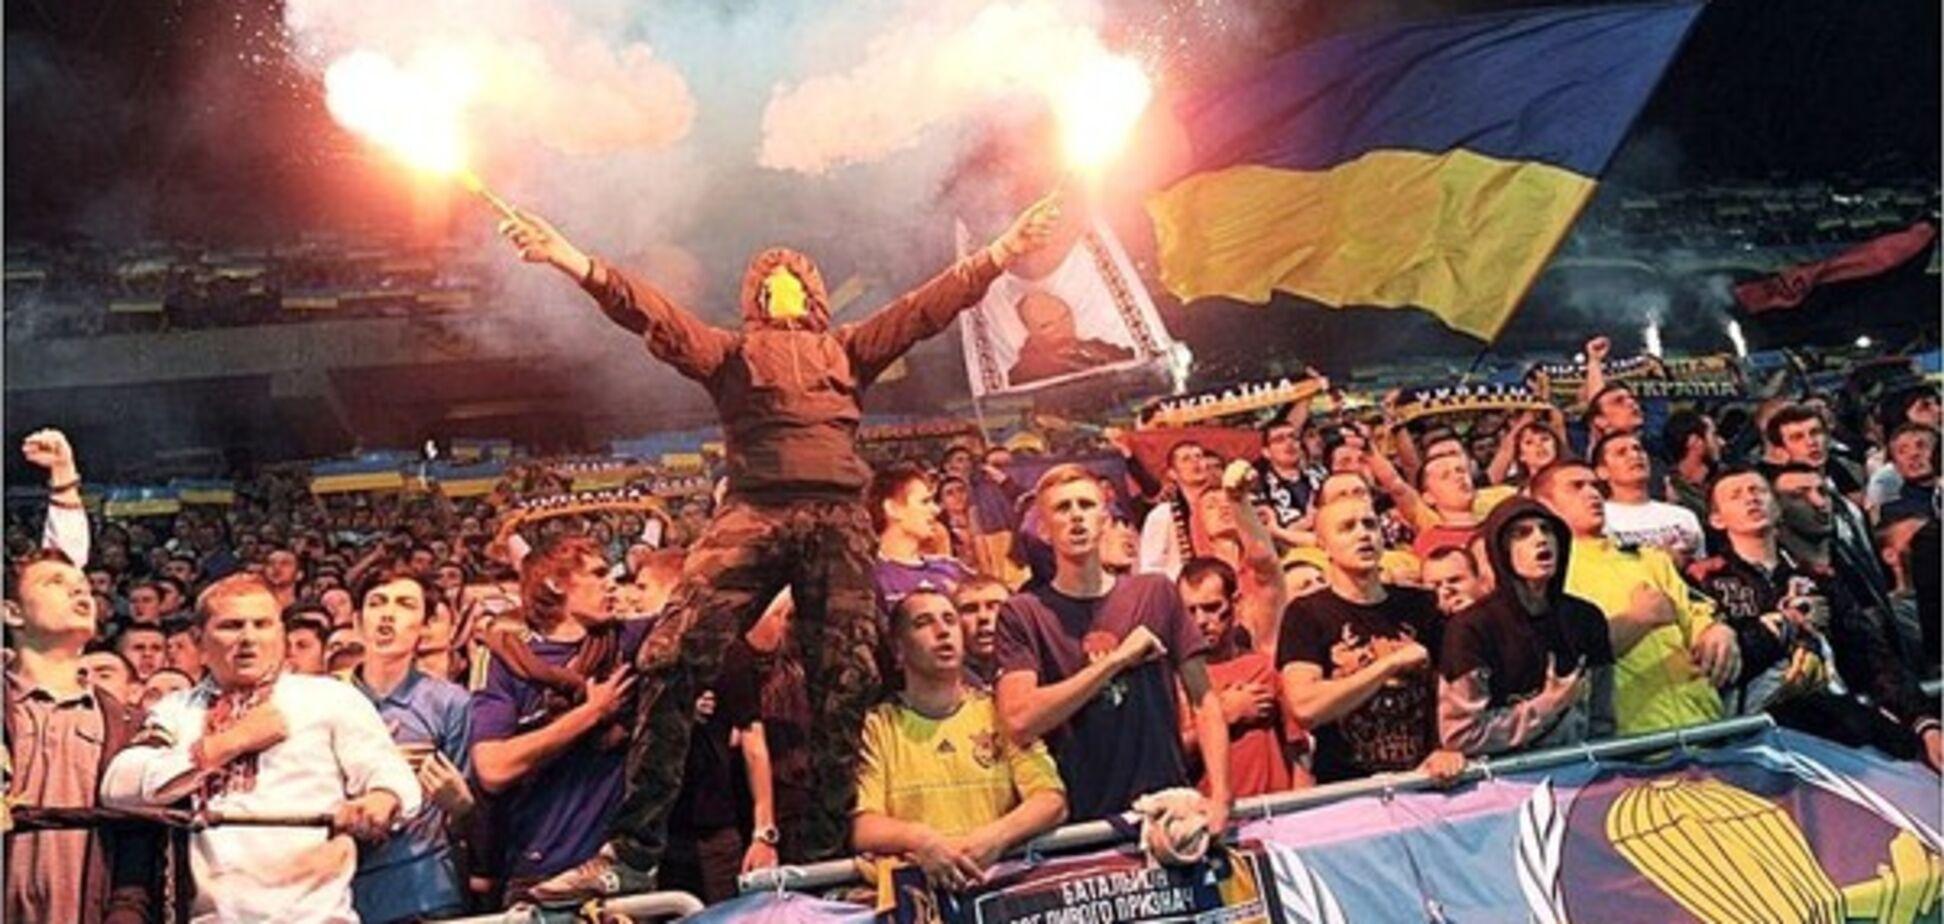 'Намагався ввести Янукович': футбольні ультрас України звернулися до Порошенка